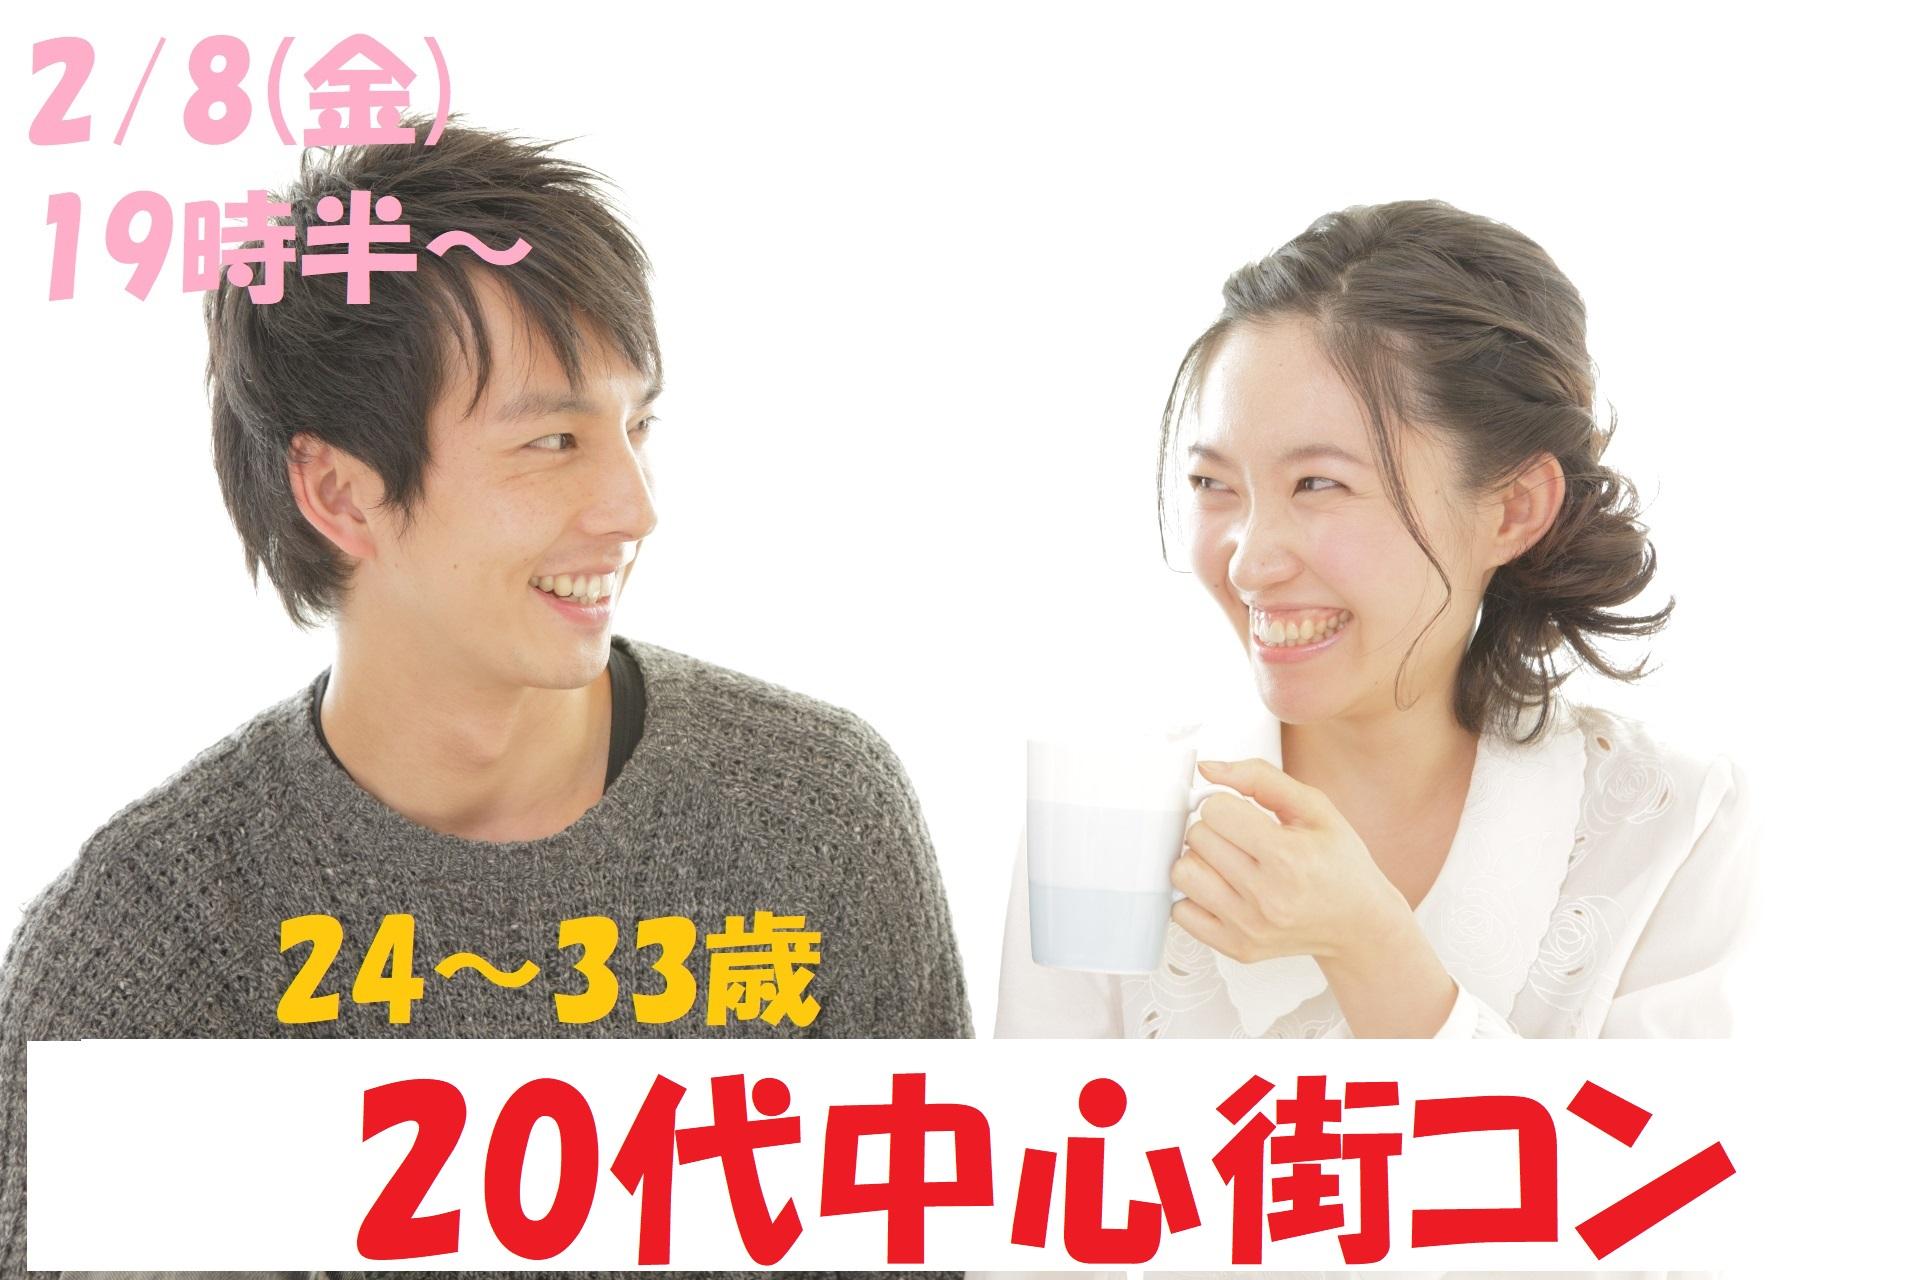 【終了】2月8日(金)19時30分~【24~33歳】グループトーク中心だから参加しやすい!20代中心街コン!